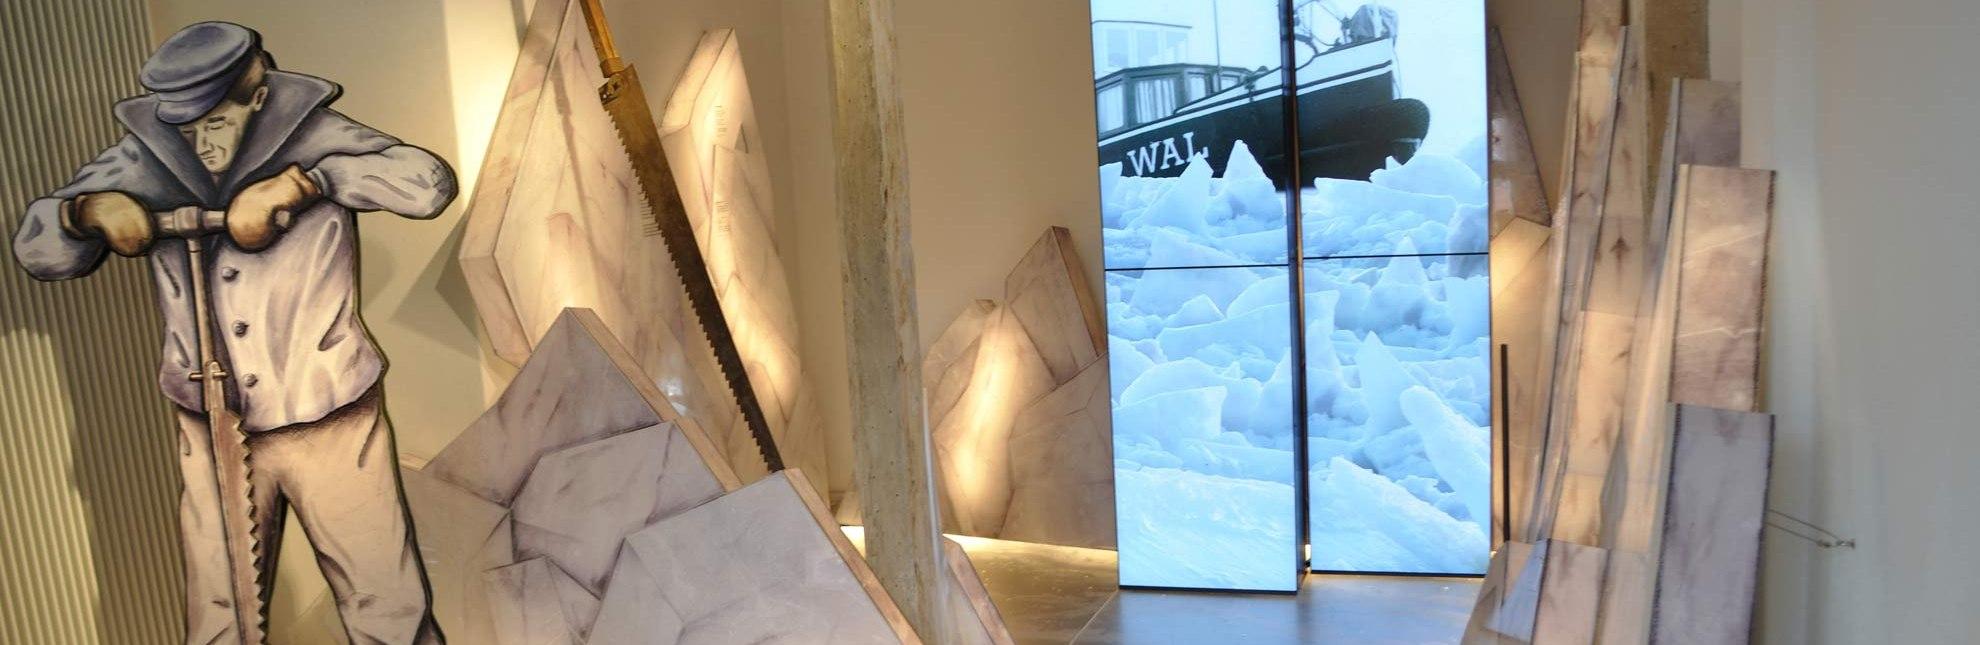 Eisgang auf der Elbe - erlebbar gemacht im Elbschifffahrtsmuseum., © Christin Kiepke / HLMS GmbH